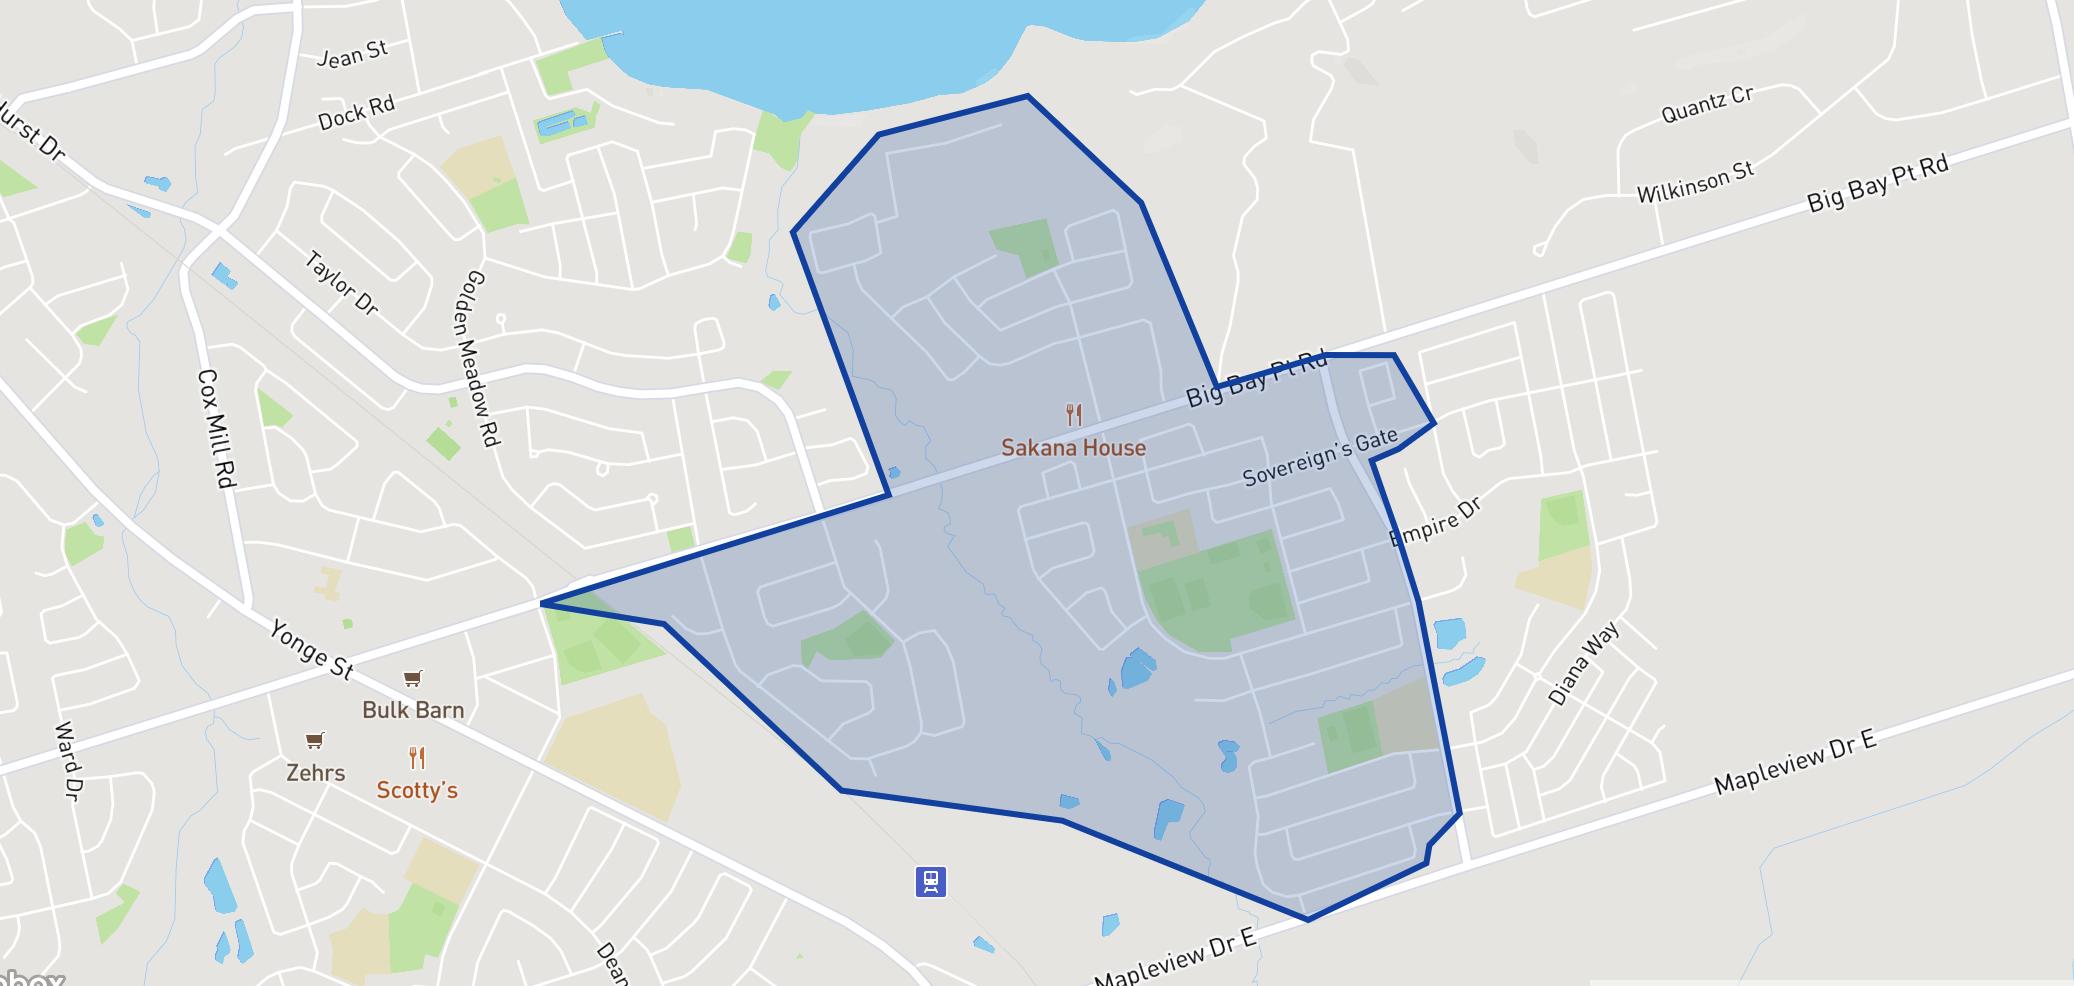 Hewitt's Creek Public School neighbourhood borders